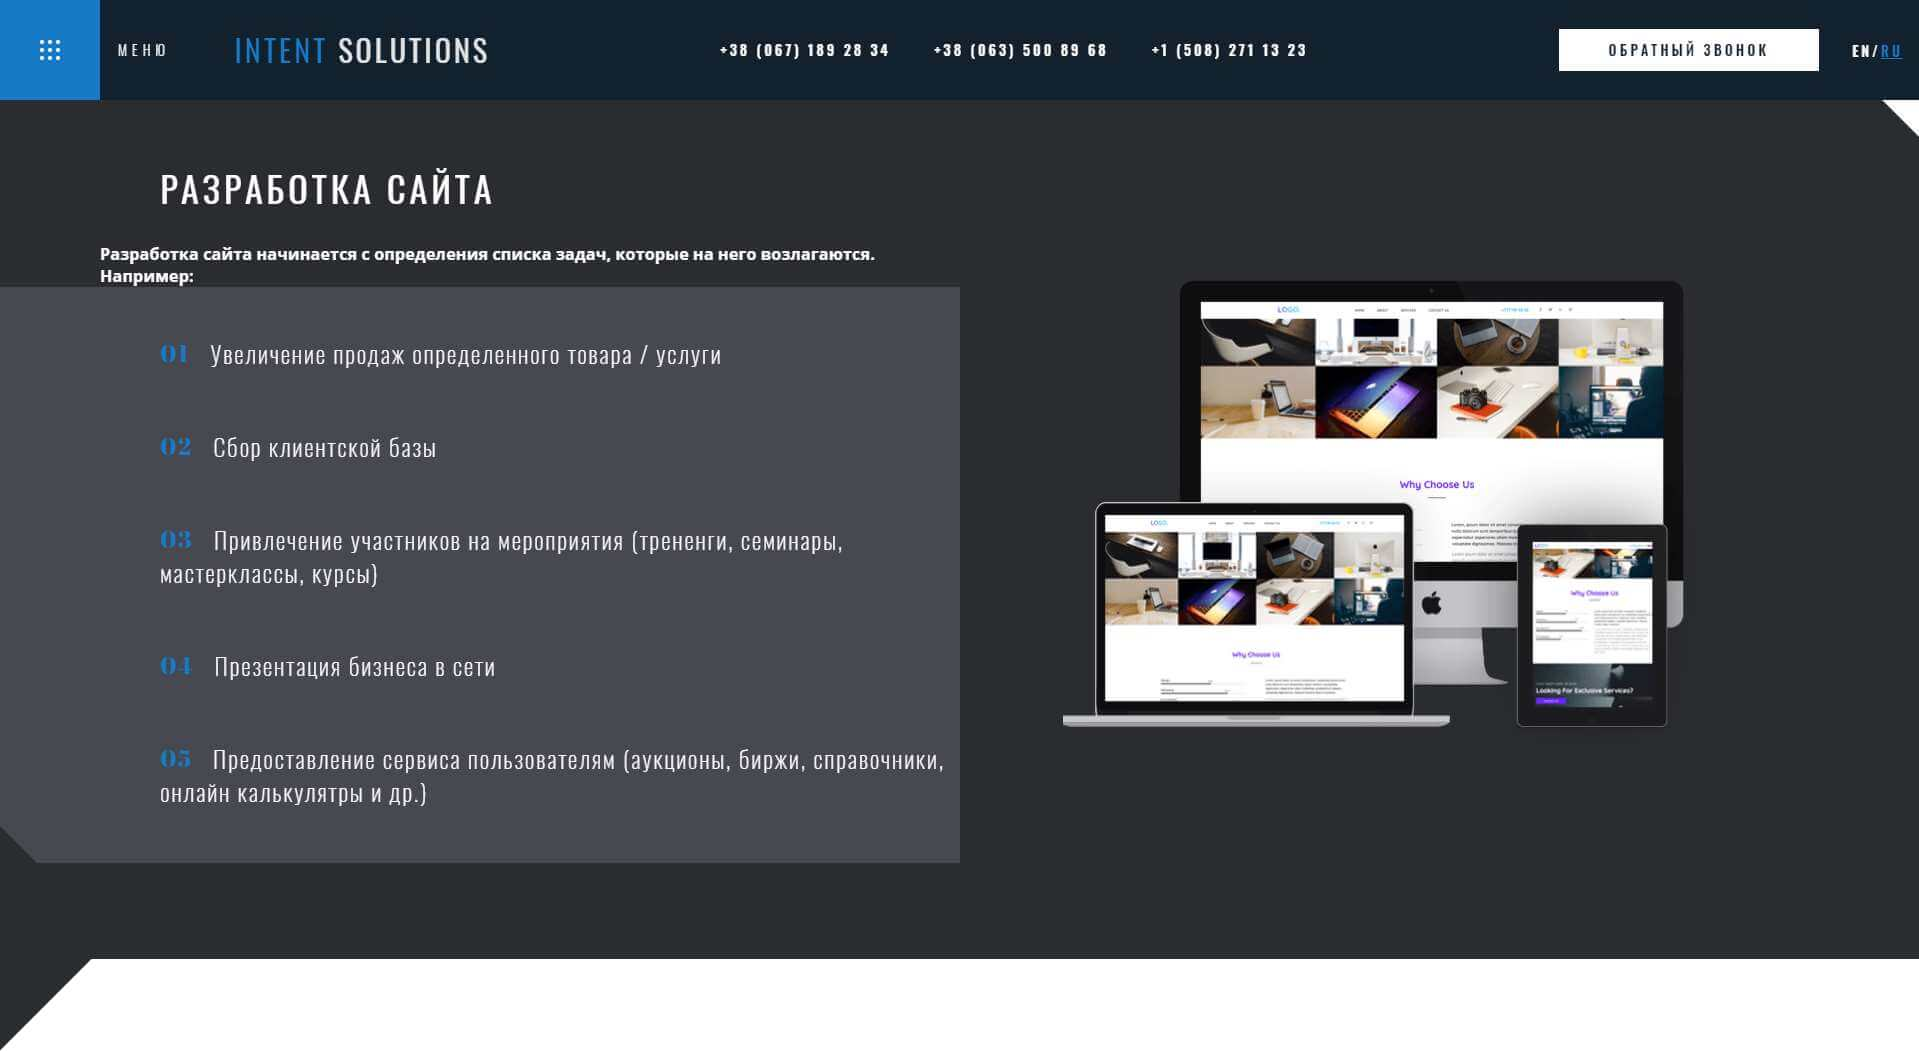 INTENT SOLUTIONS - обзор компании, услуги, отзывы, клиенты, Фото № 3 - google-seo.pro